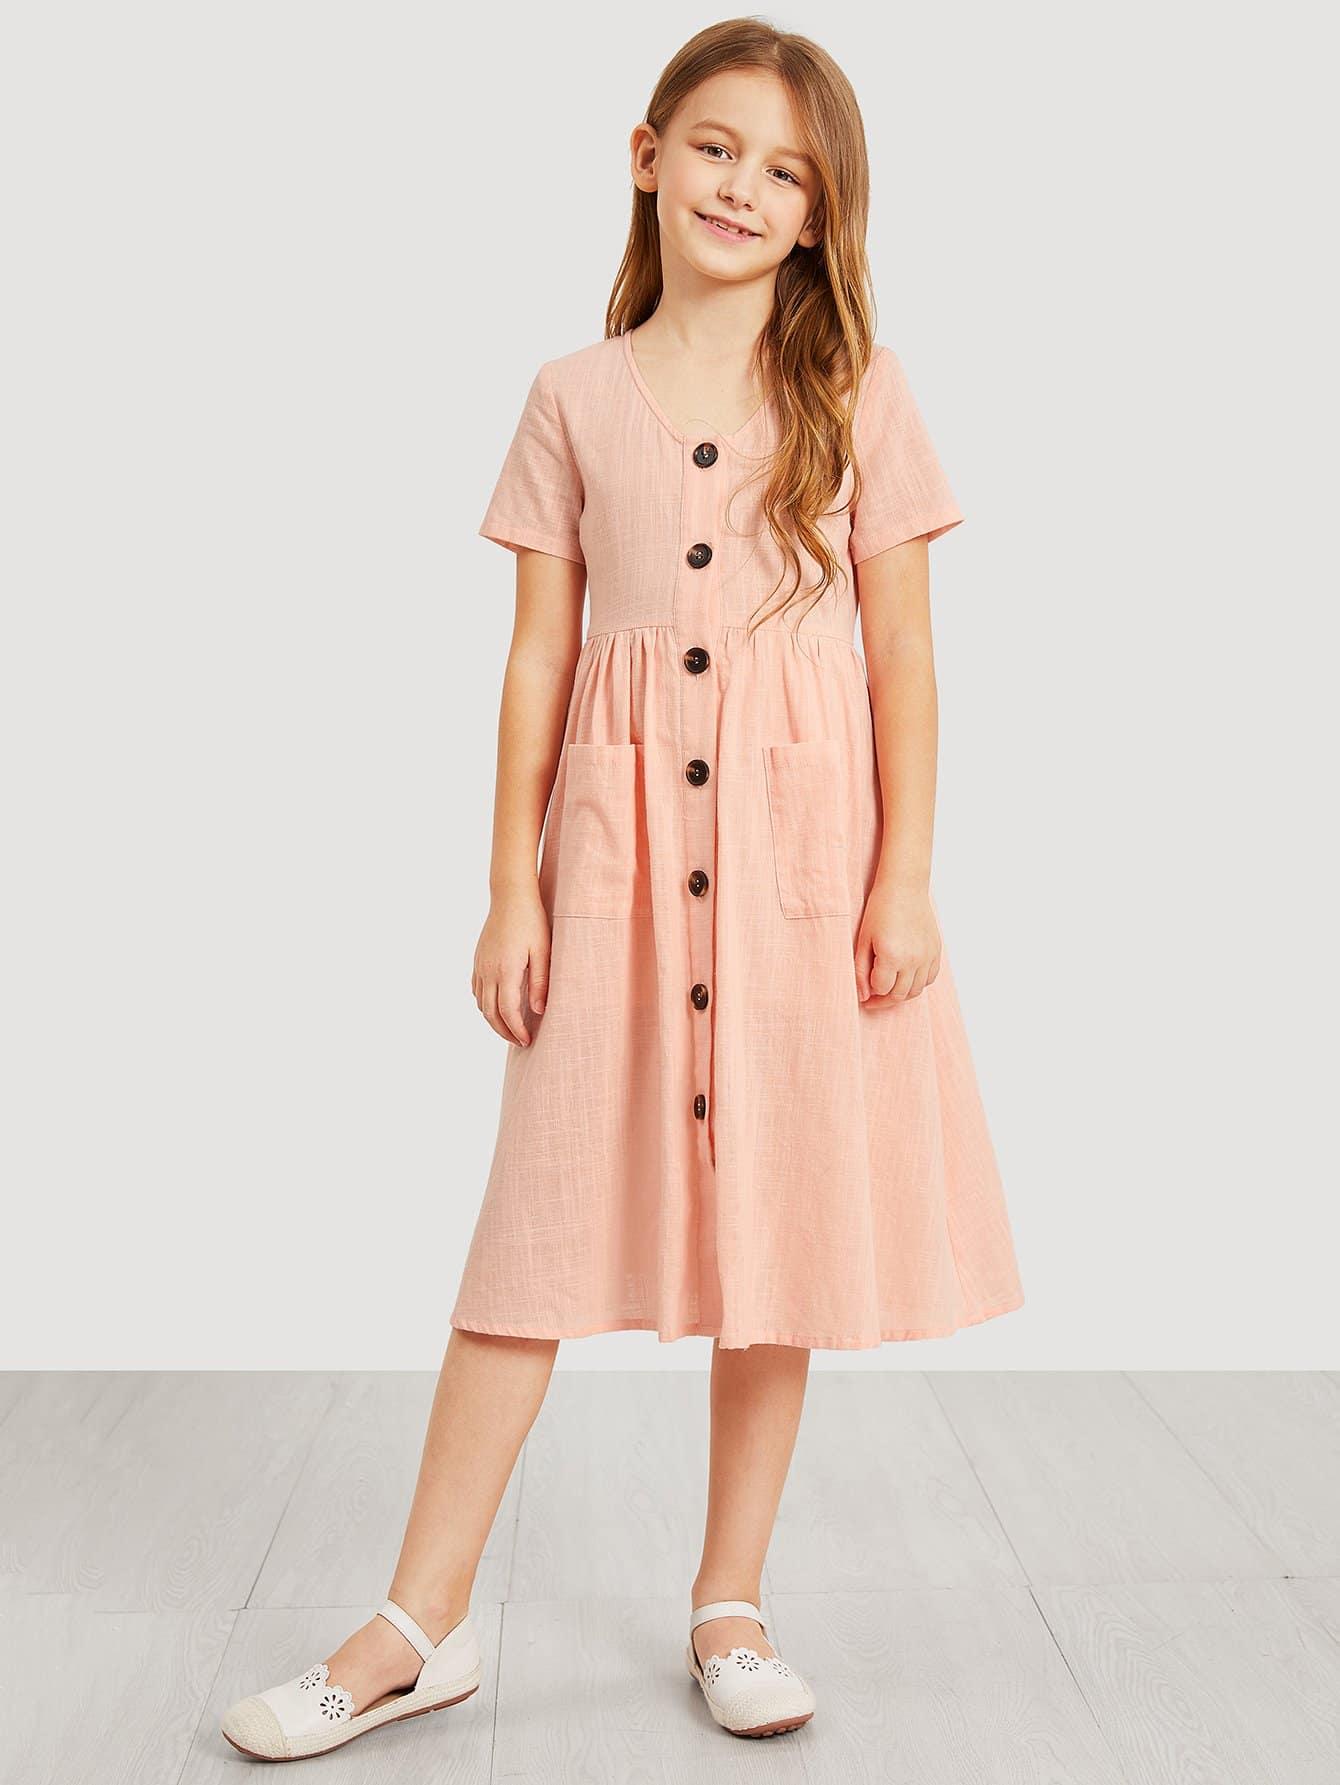 Купить Платье-рубашка с украшением пуговицы и кармана для девочки, Sashab, SheIn